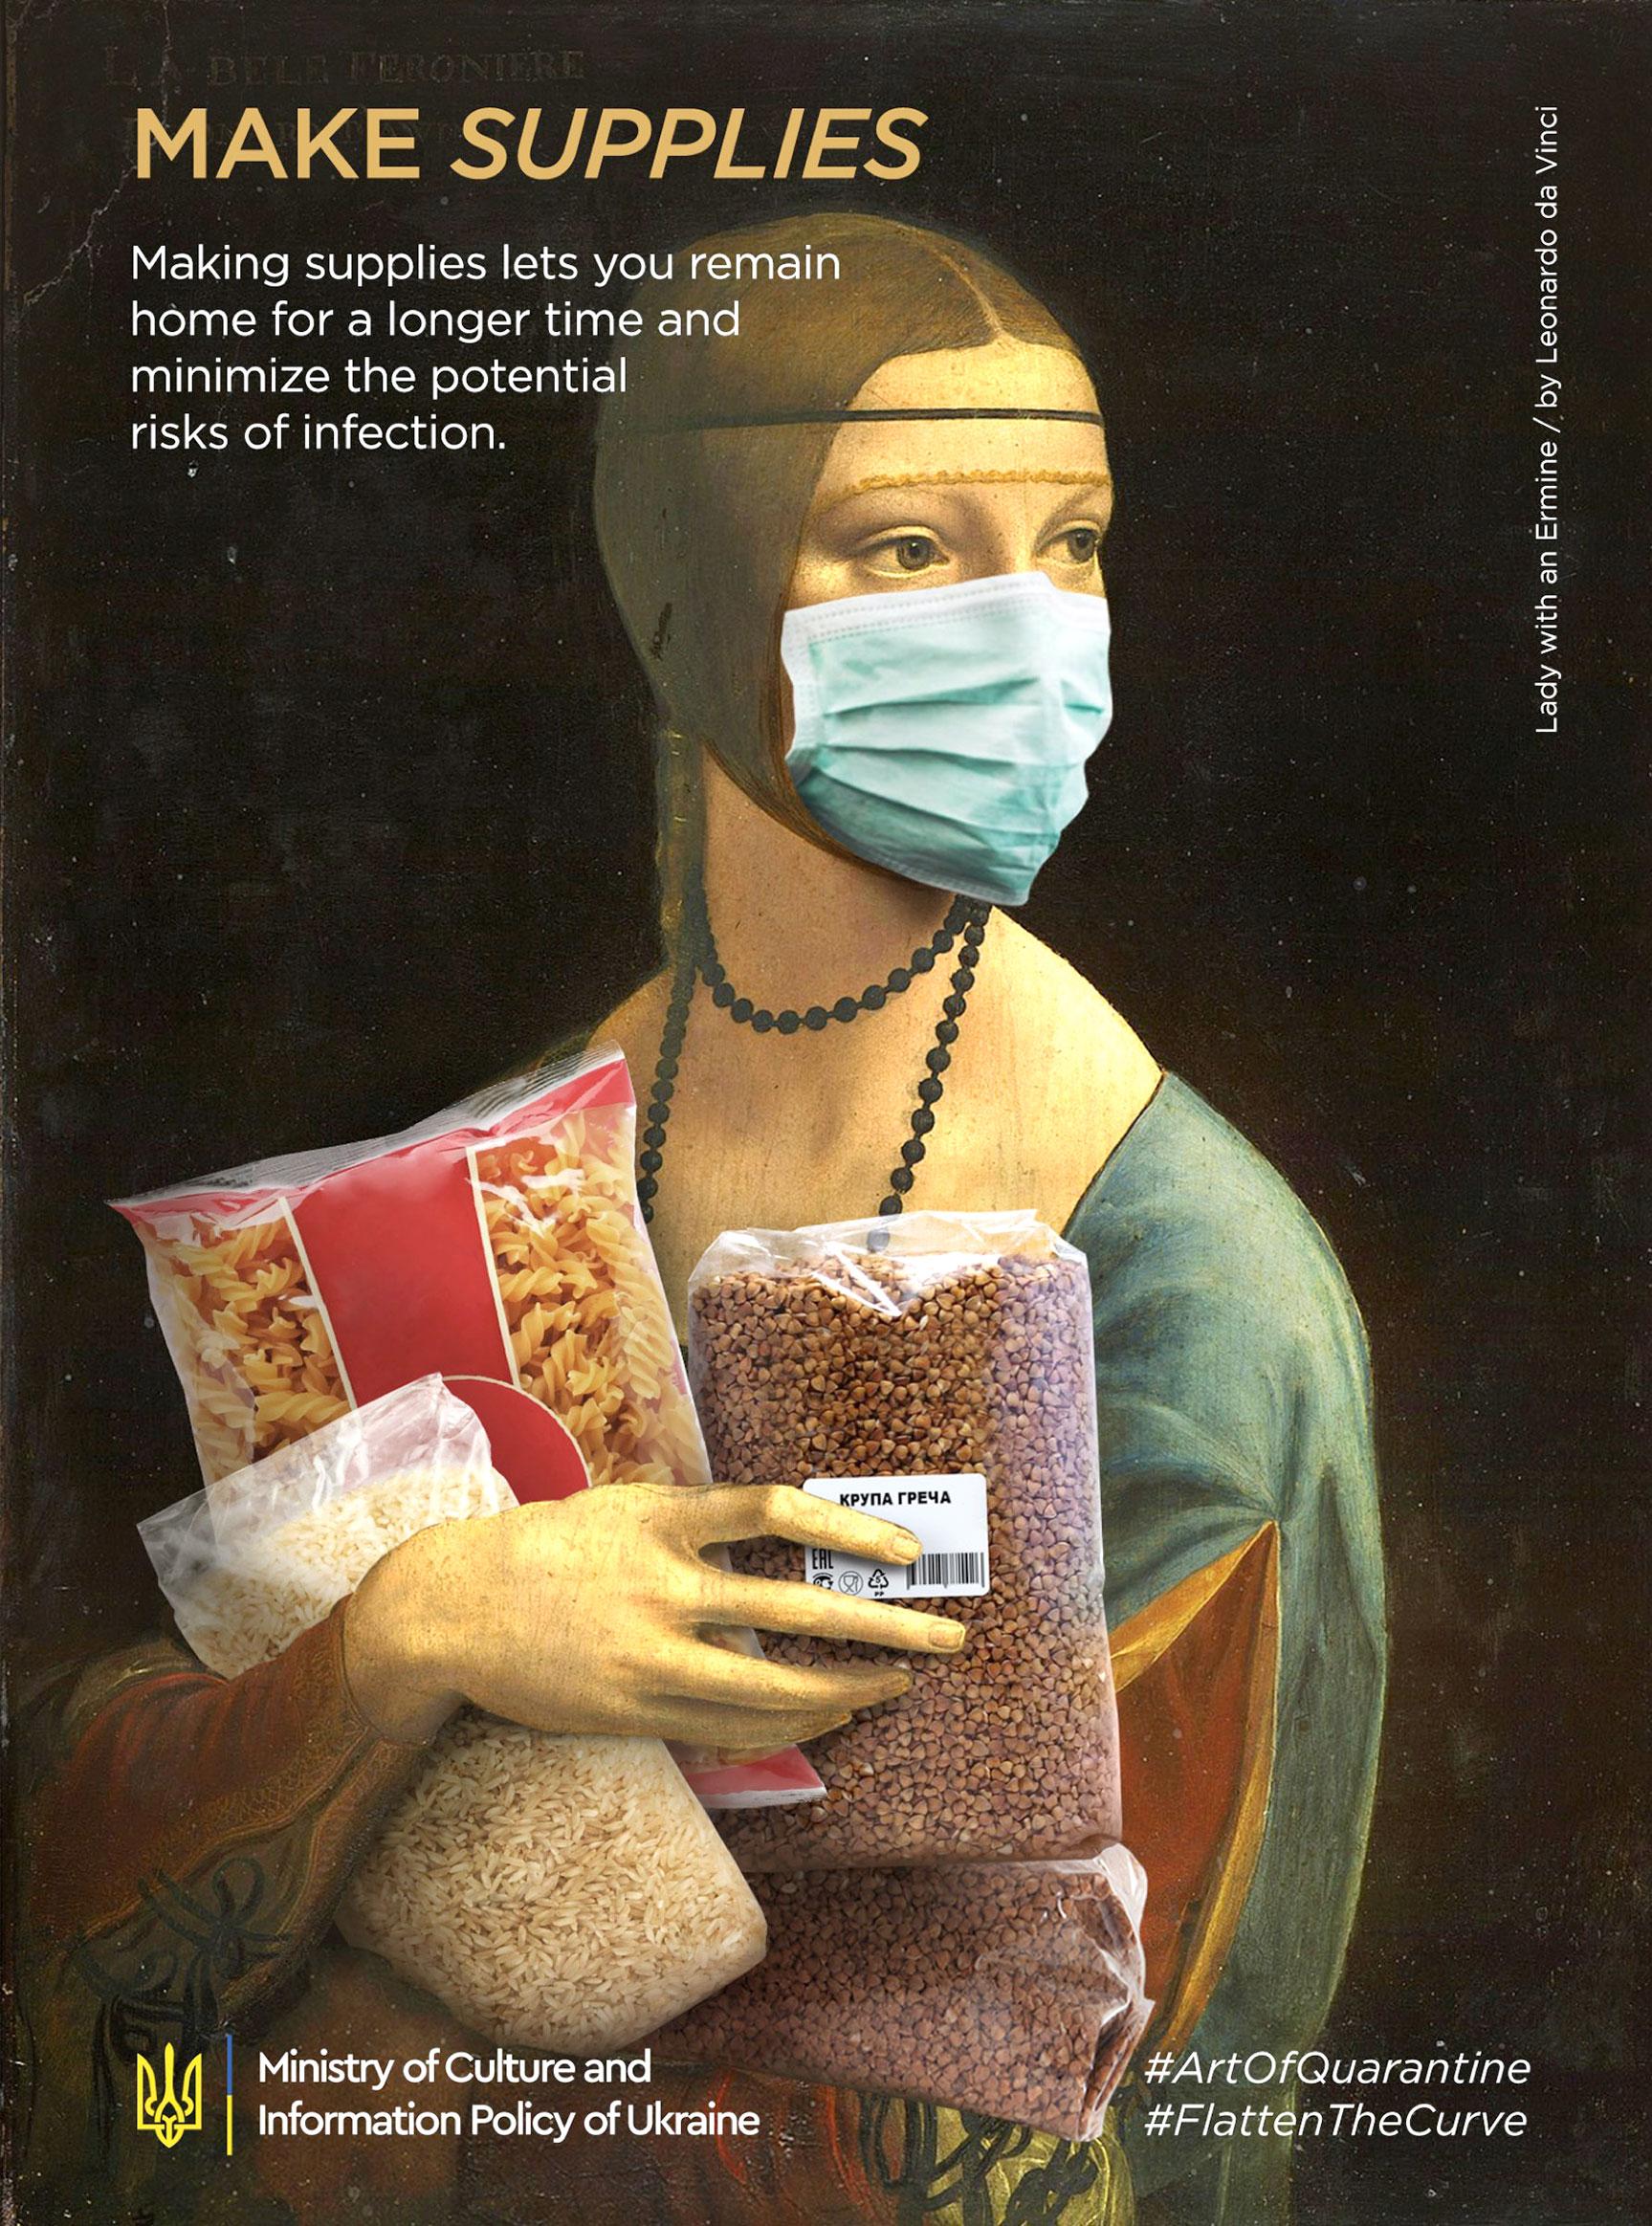 Информационные плакаты, подготовленные Министерством культуры Украины / Делайте запасы